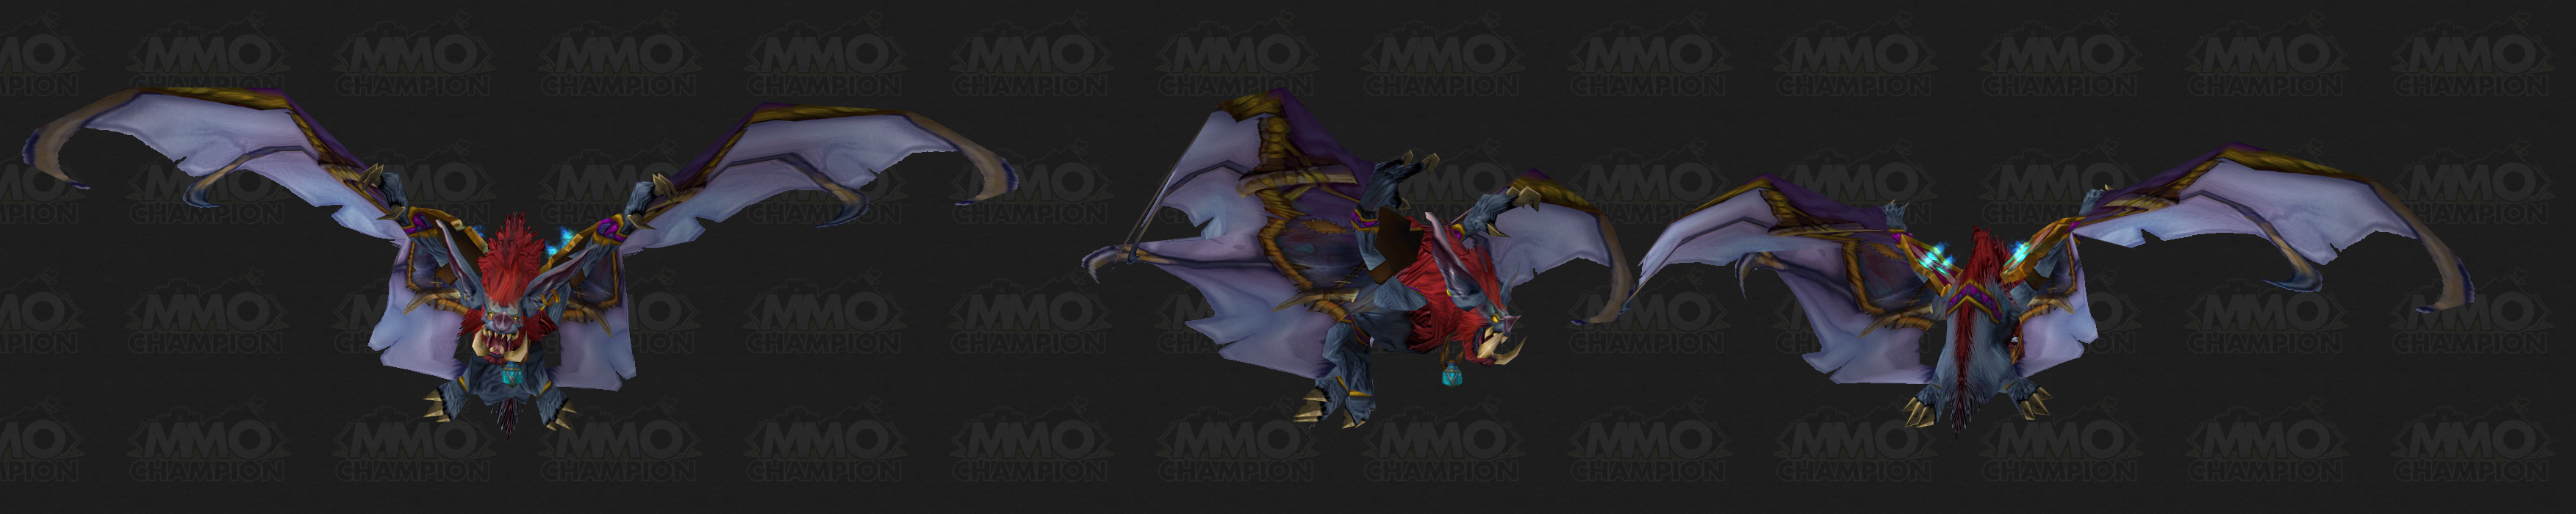 Troll Druid vs Worgen Druid flight forms? Lmao?